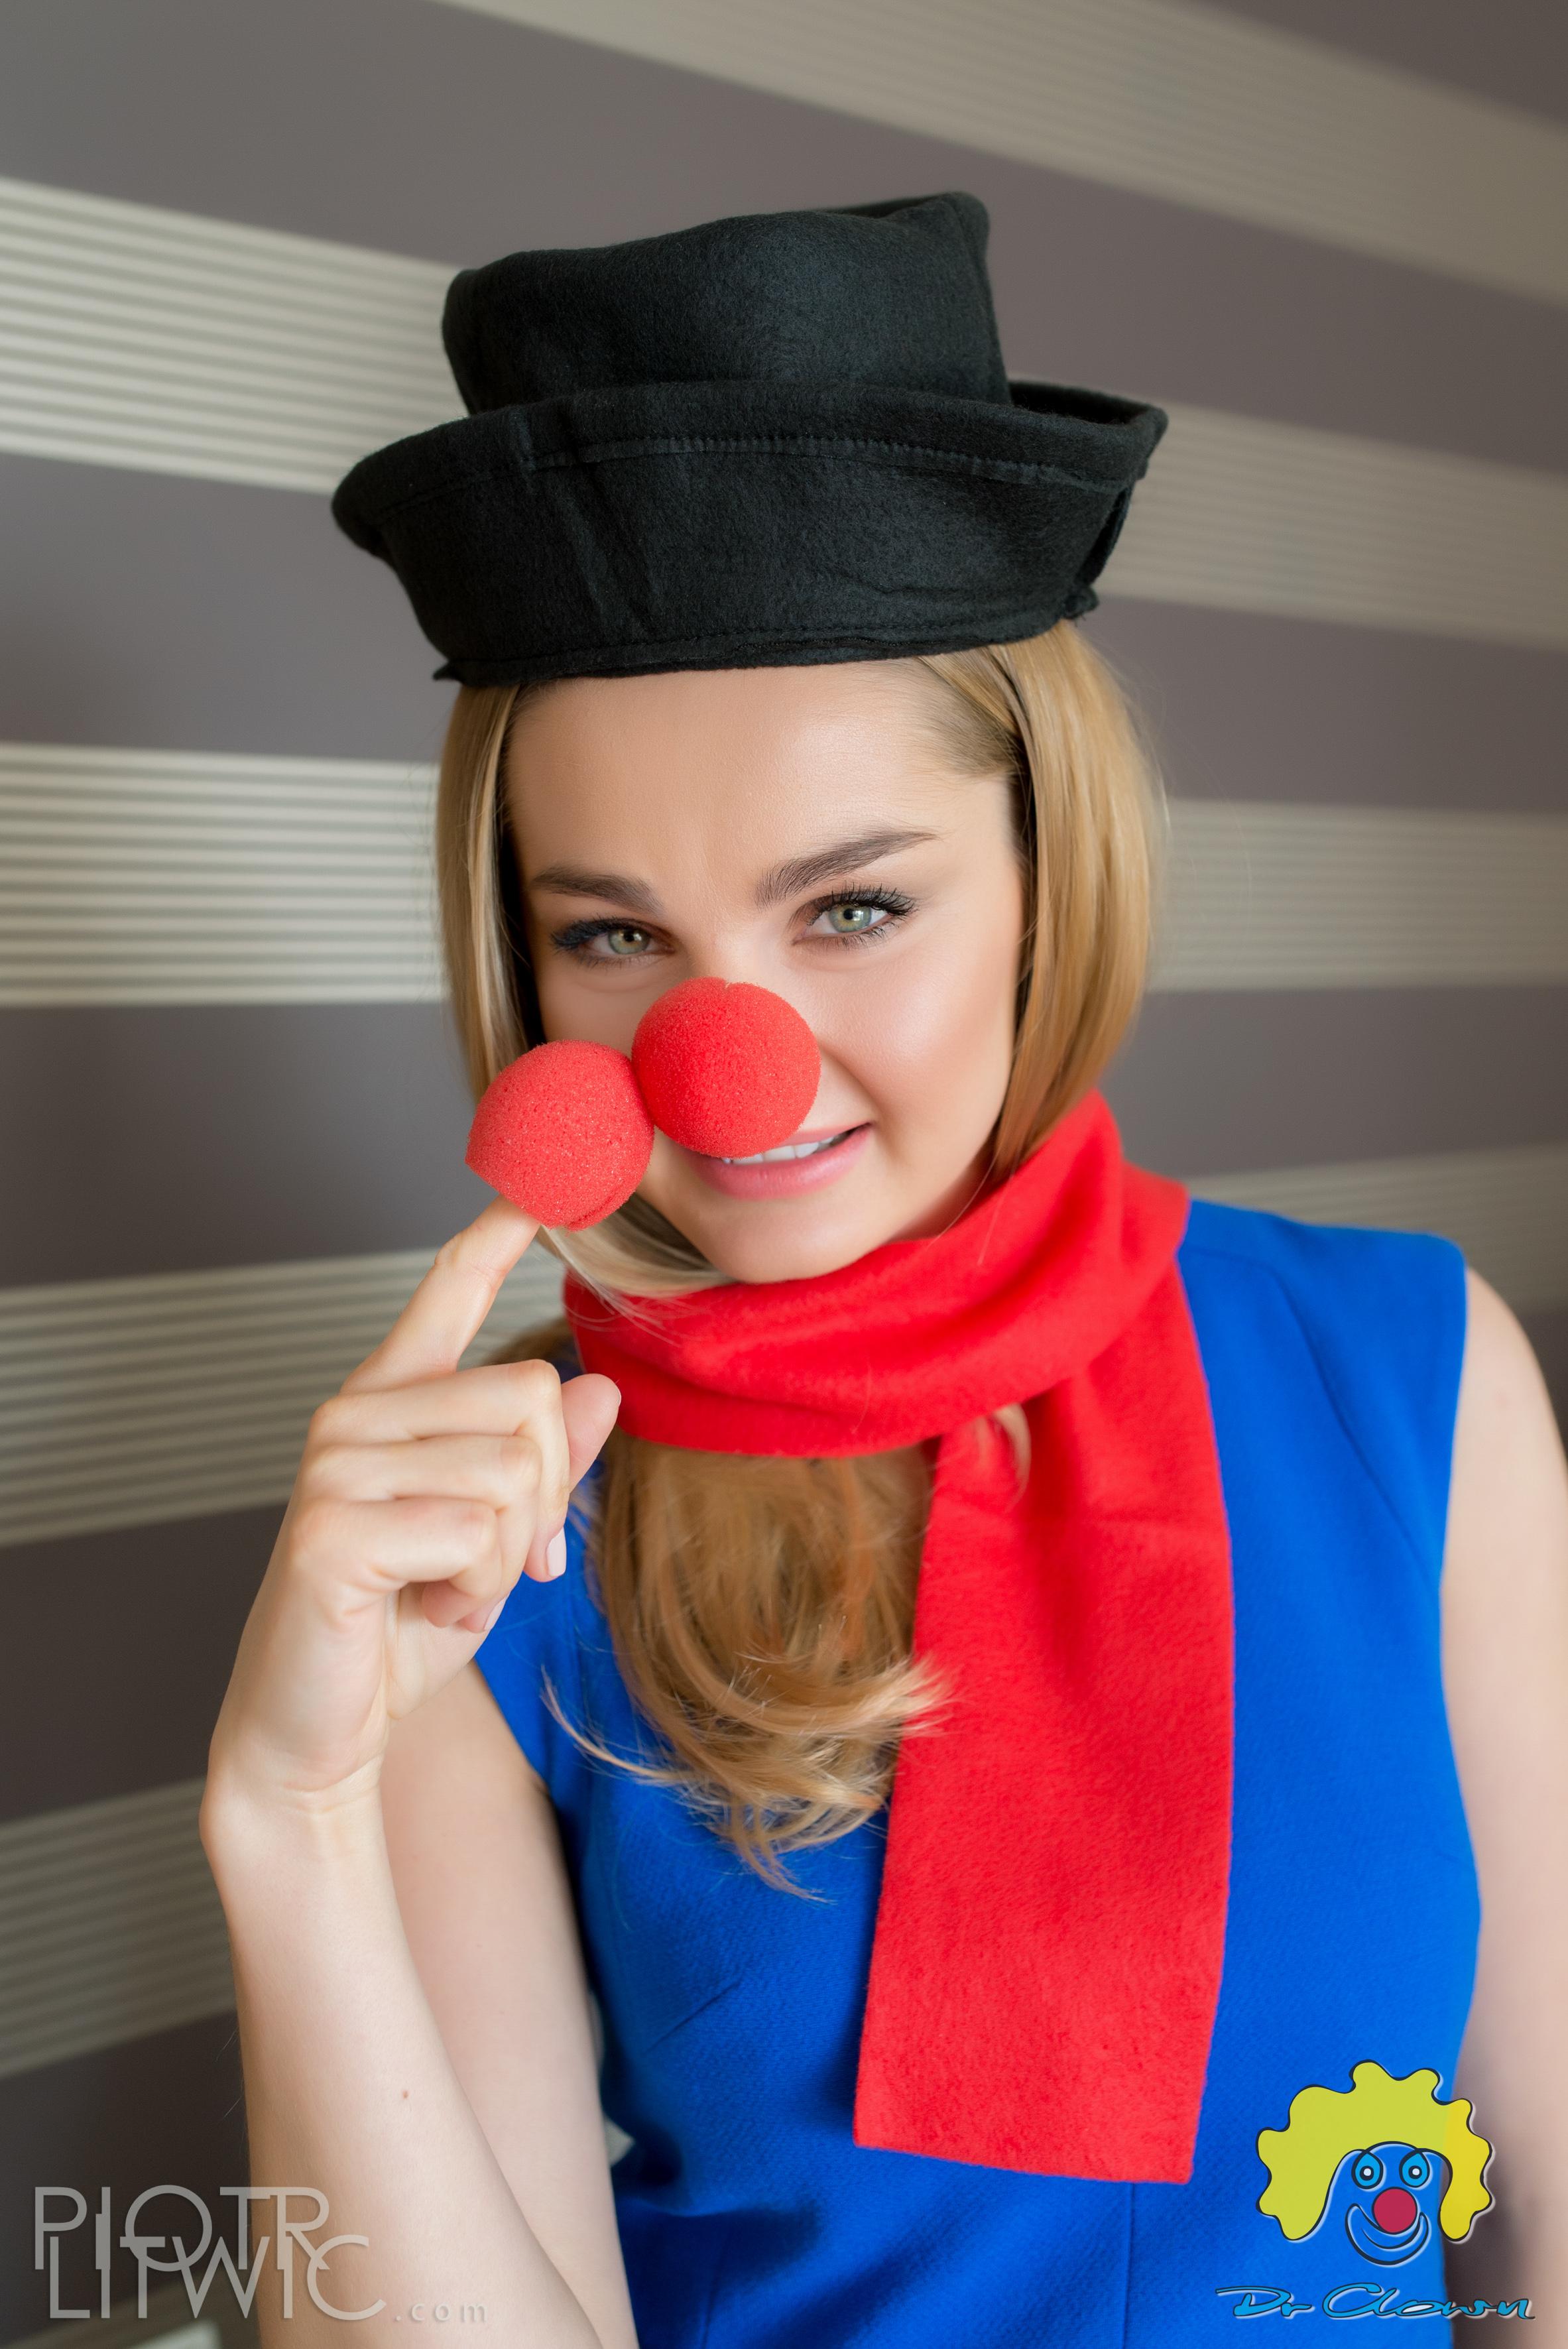 Małgorzata Socha, Fundacja Dr Clown, © PiotrLitwic.com